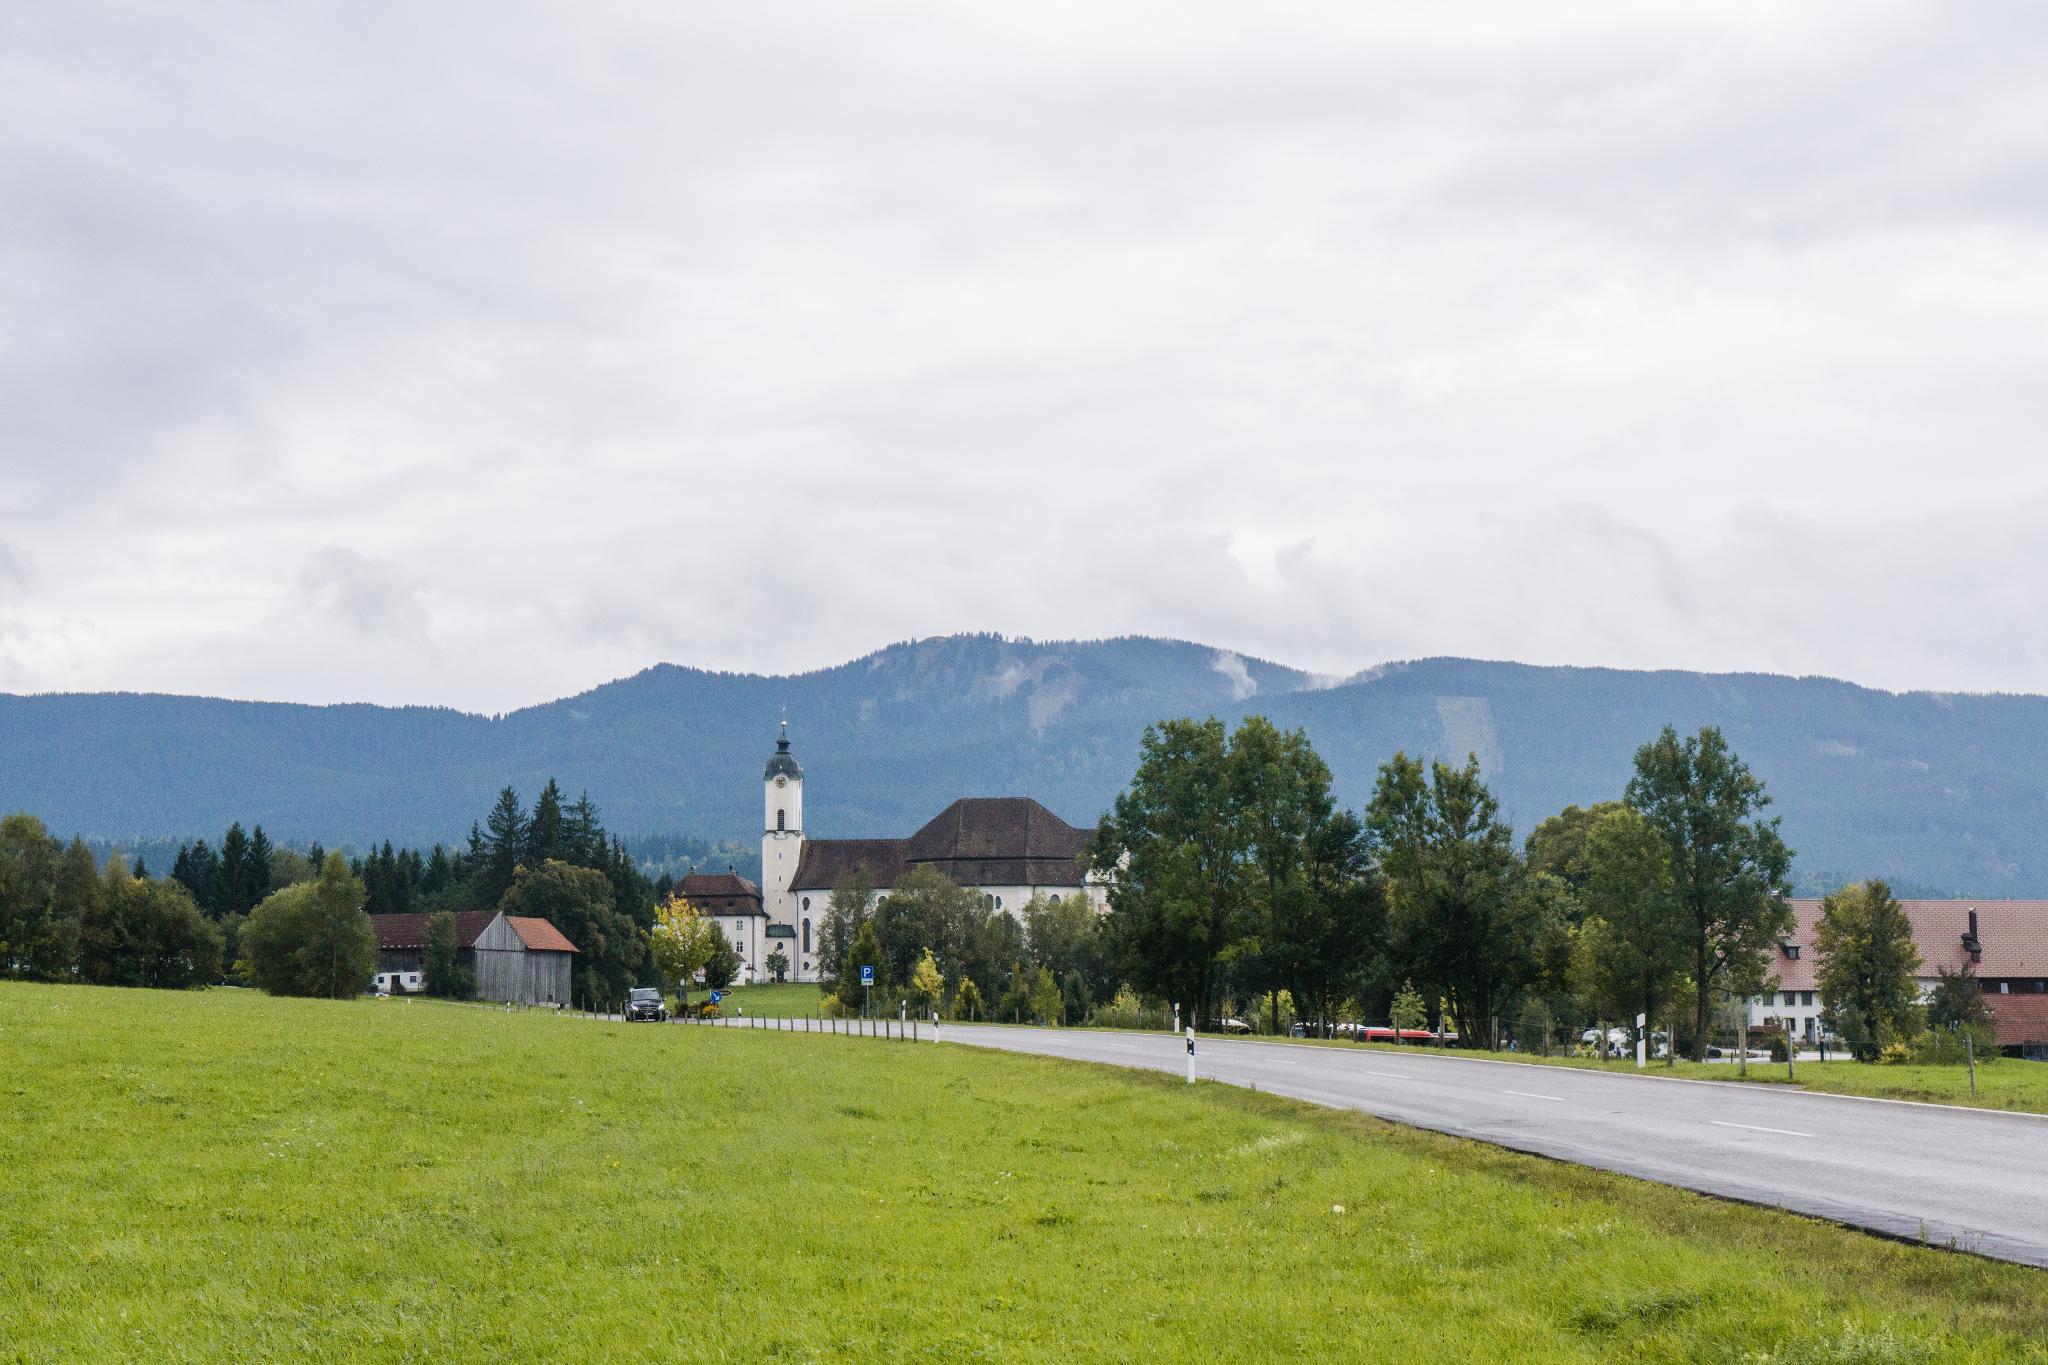 【德國】阿爾卑斯大道:維斯朝聖教堂 (Wieskirche) 24